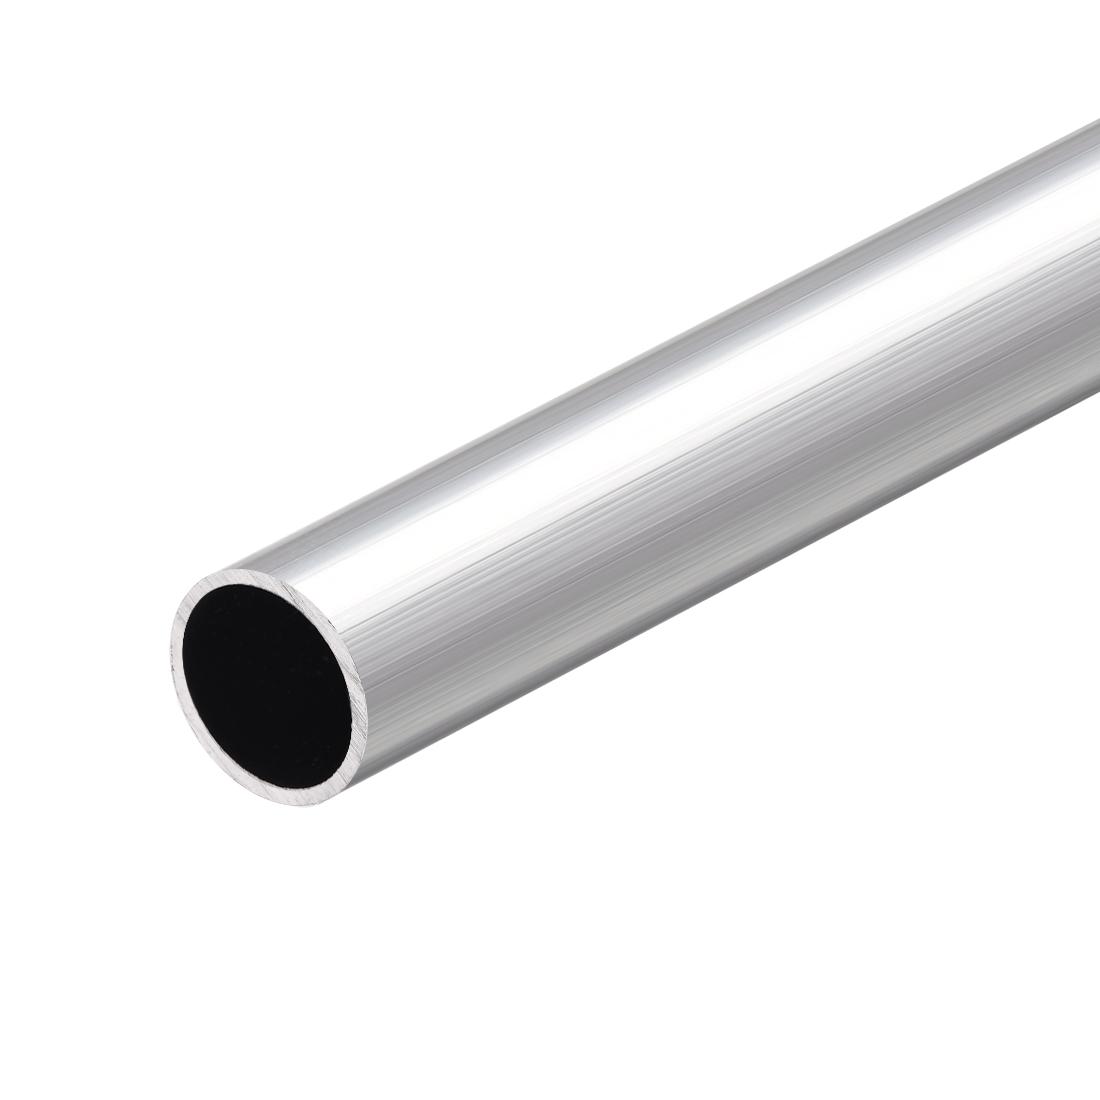 6063 Aluminum Round Tube 300mm Length 20mm OD 18mm Inner Dia Seamless Tubing